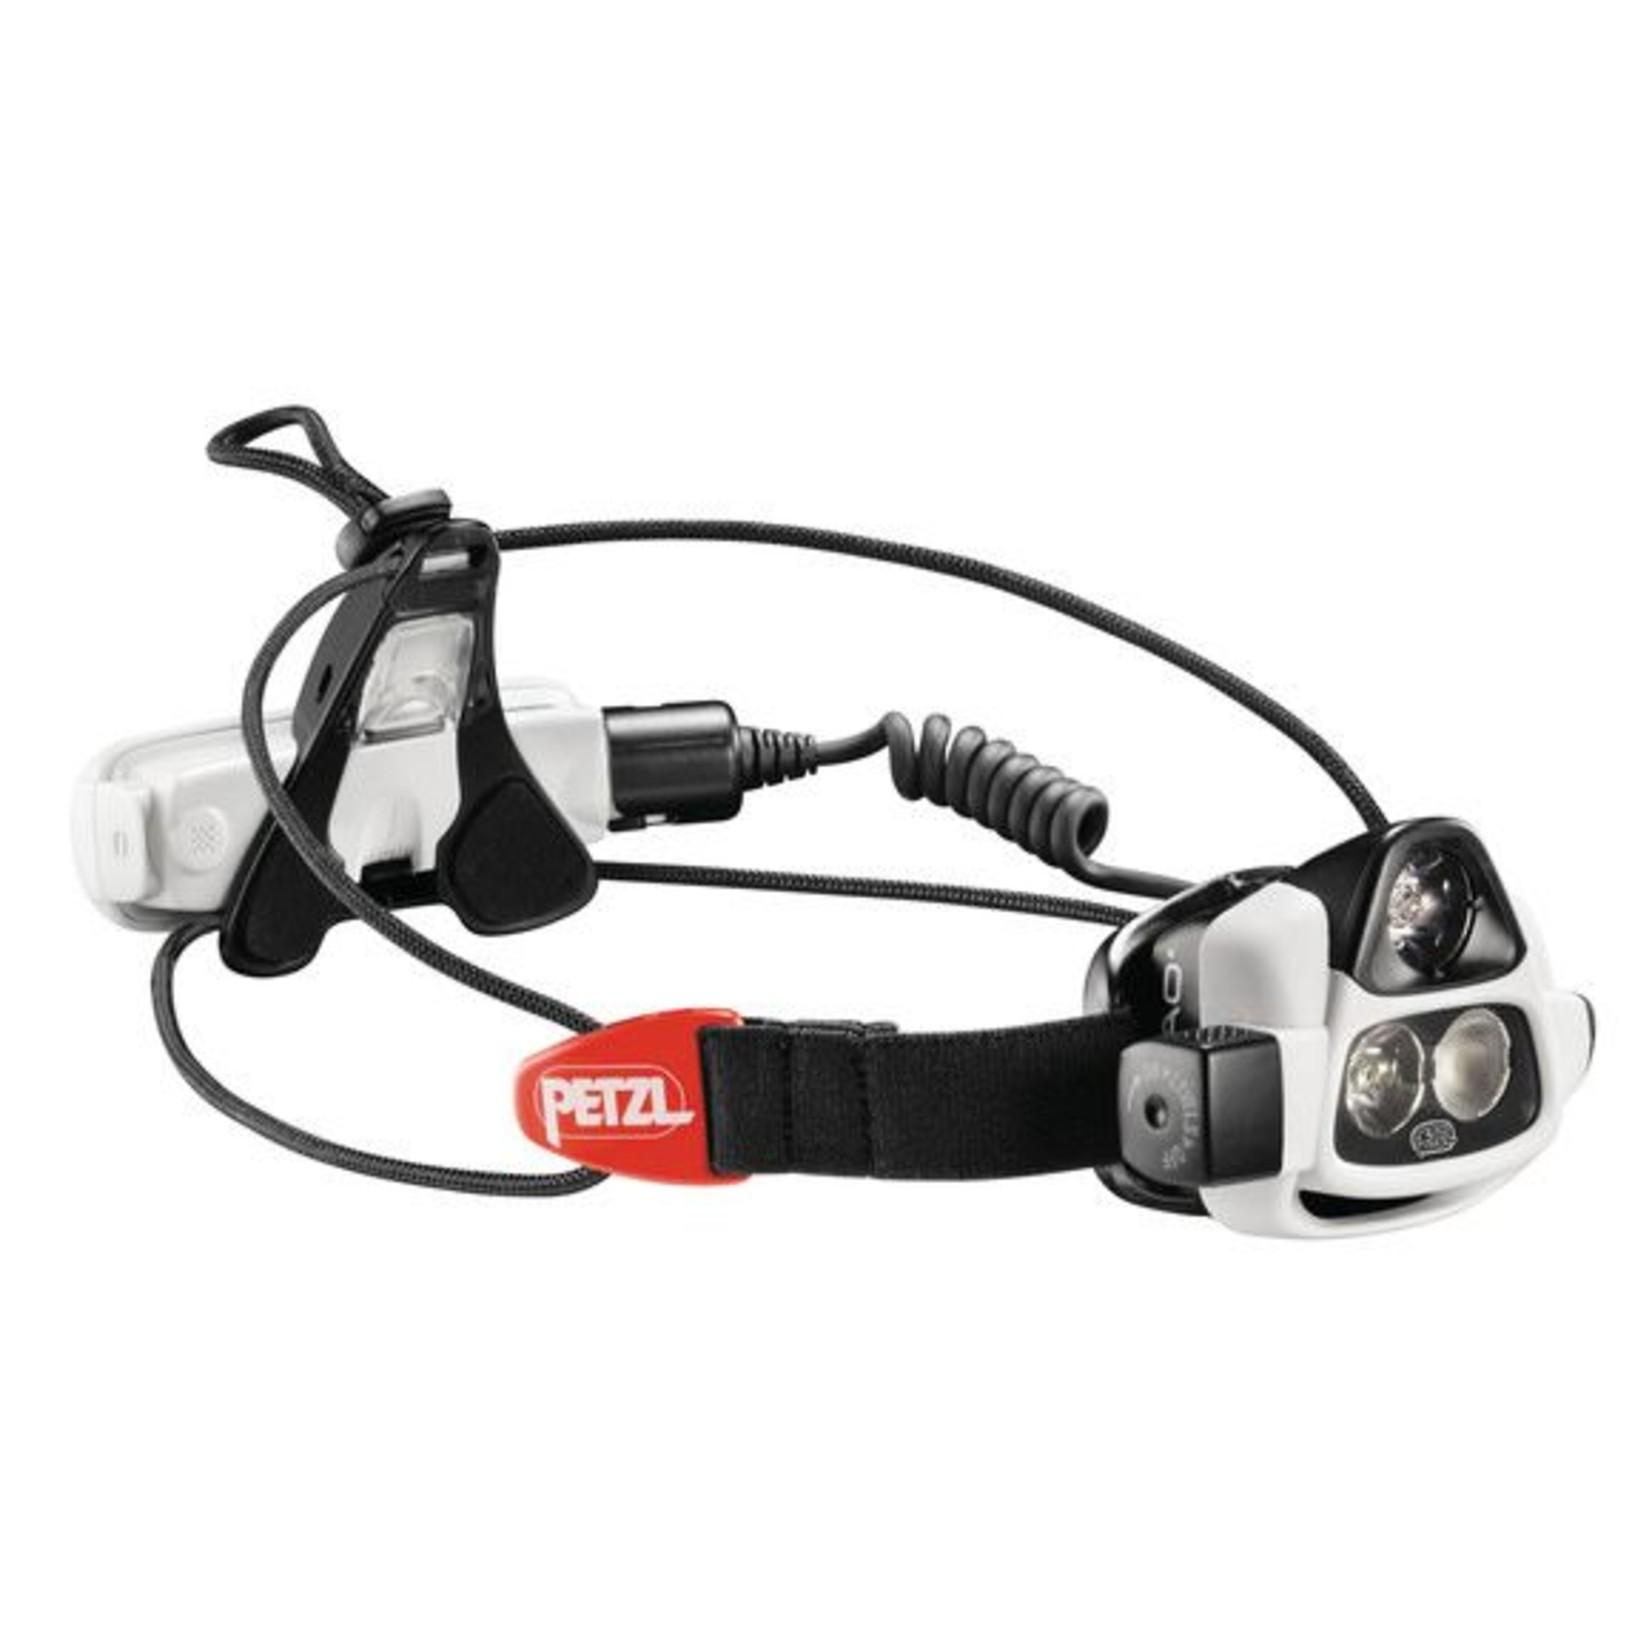 Petzl Petzl NAO+ Headlamp